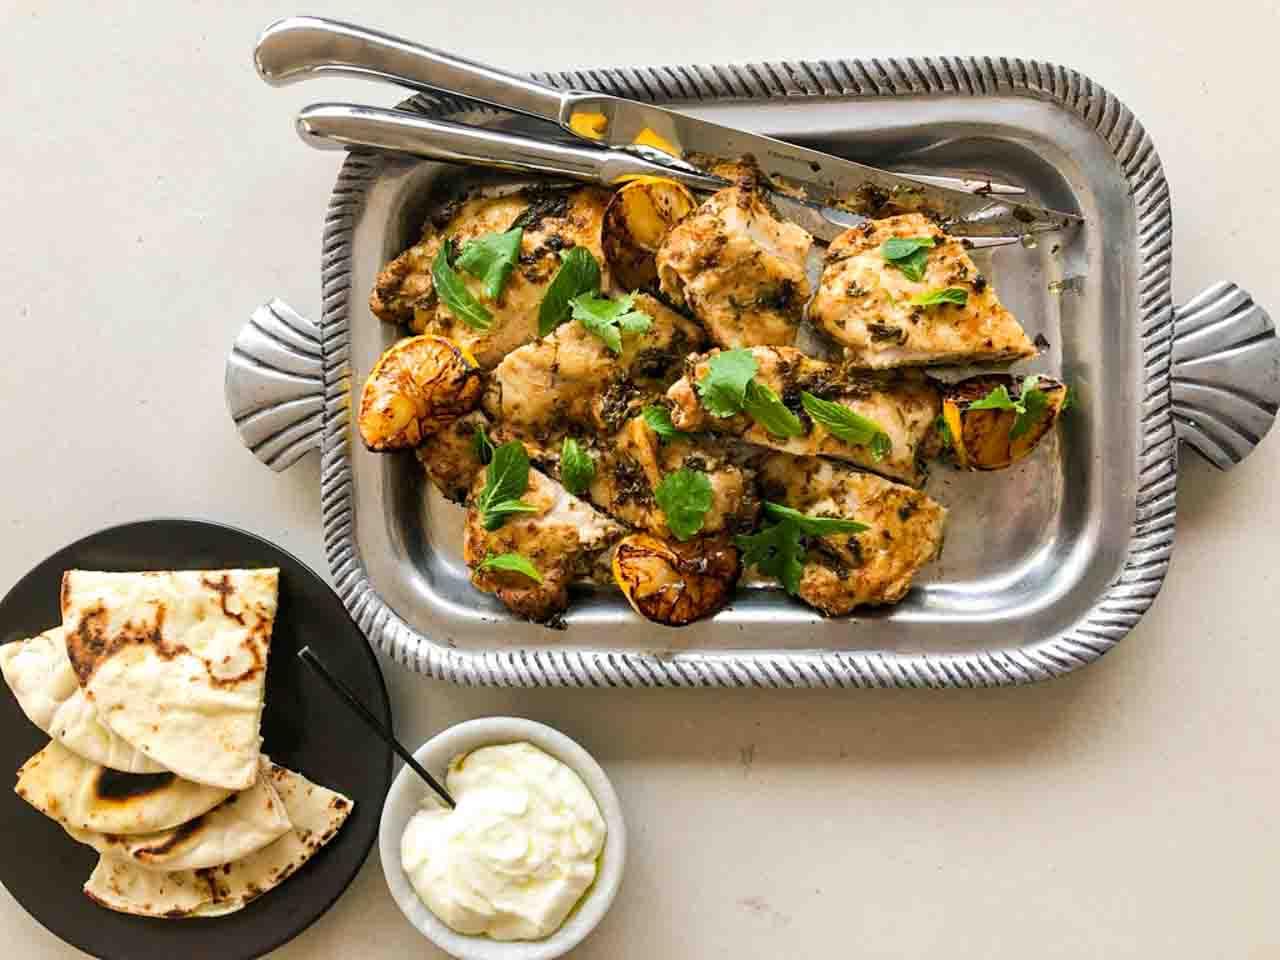 TBB - Middle Eastern Boneless Chicken Recipe